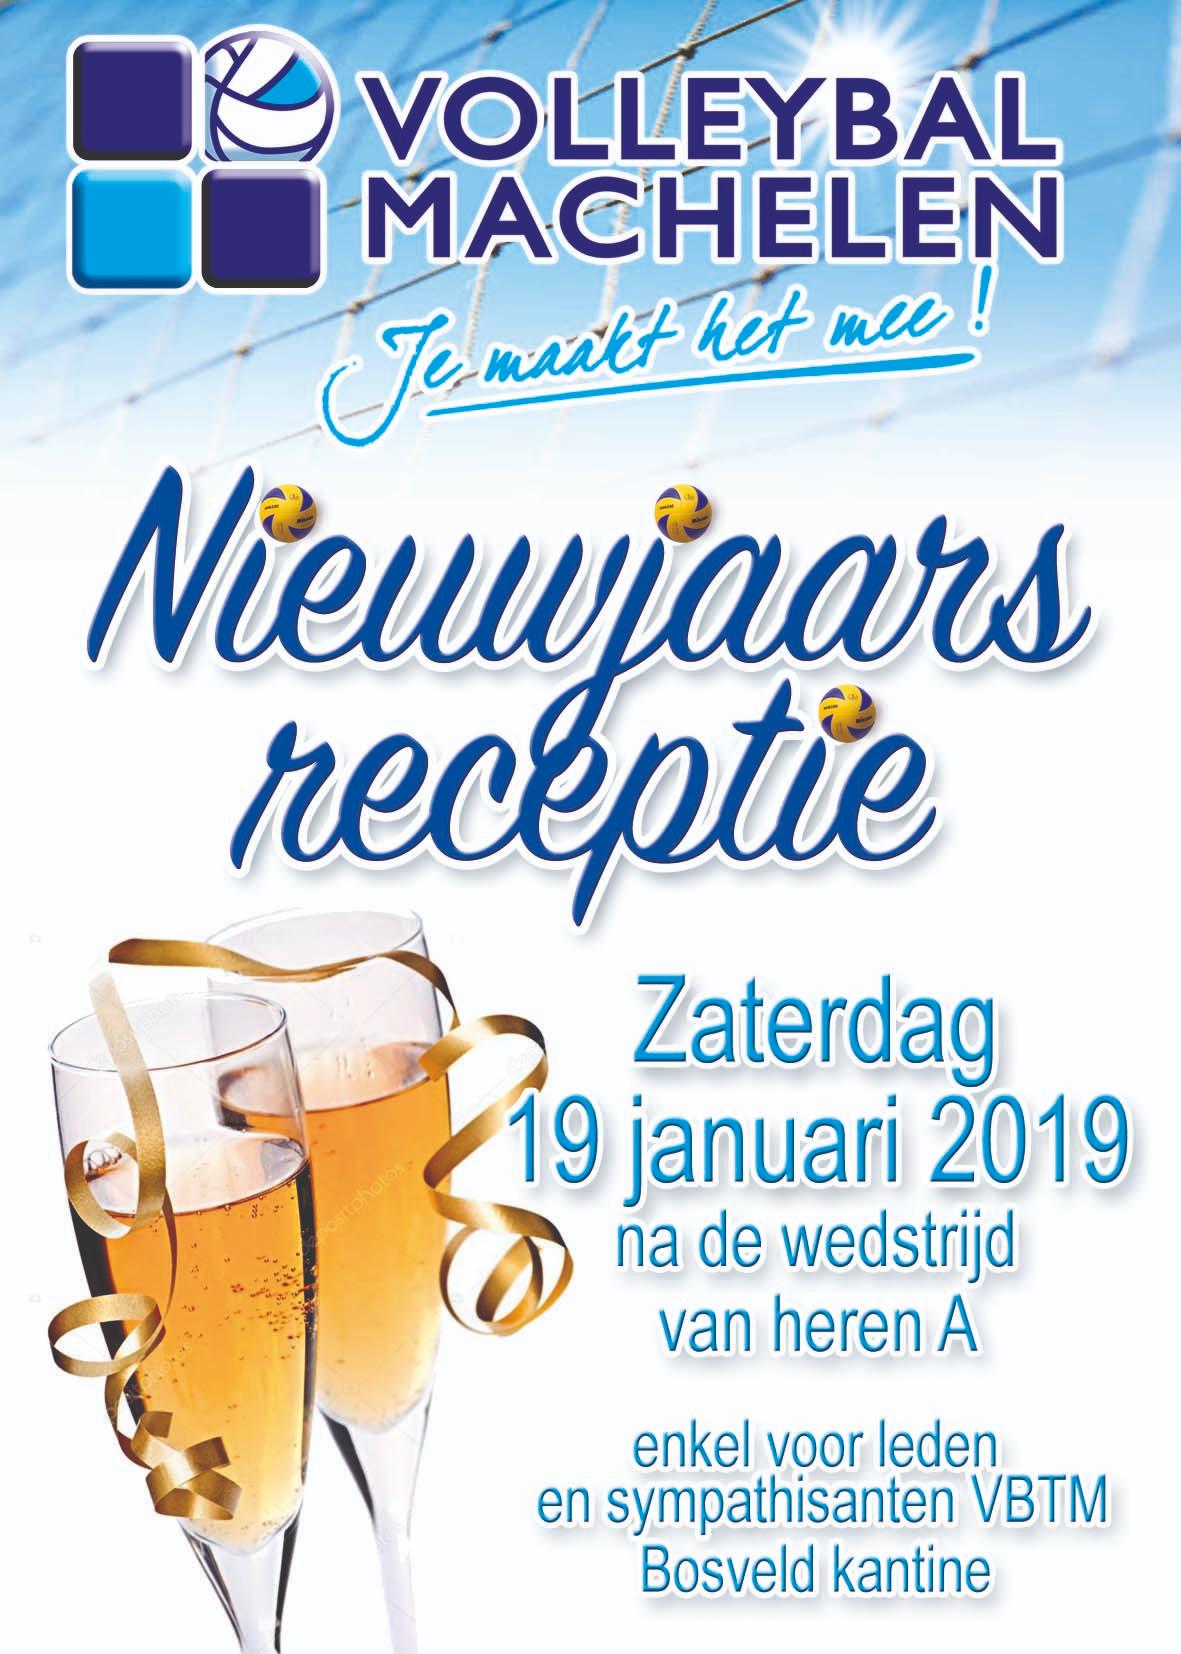 Aff Nieuwjaarsreeptie 2019